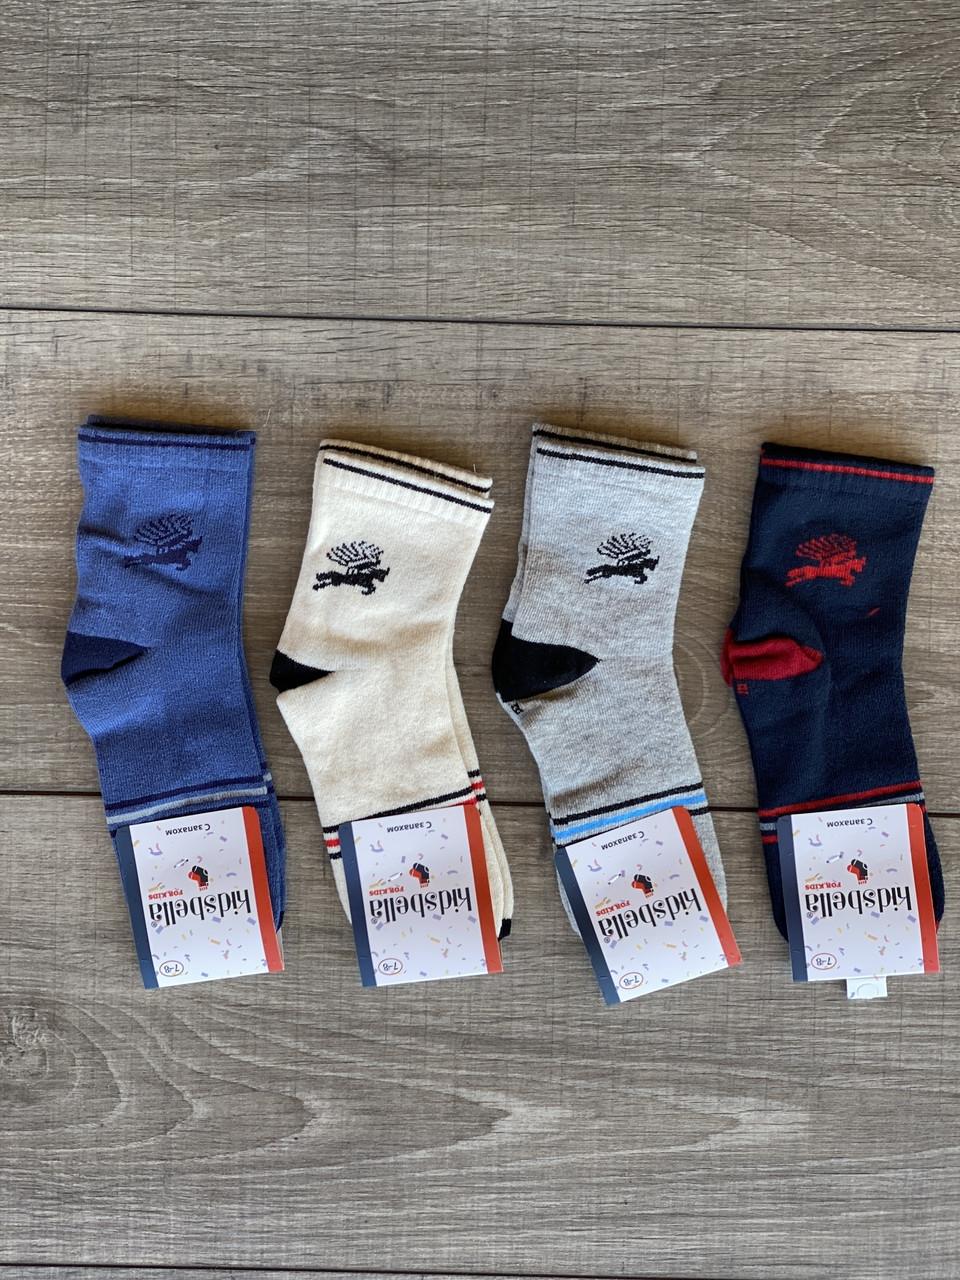 Підліткові шкарпетки бавовна Kidsbella дитячі для хлопчиків 5-6,7-8,9-10,11-12 років 12 шт  уп мікс 4 кольорів